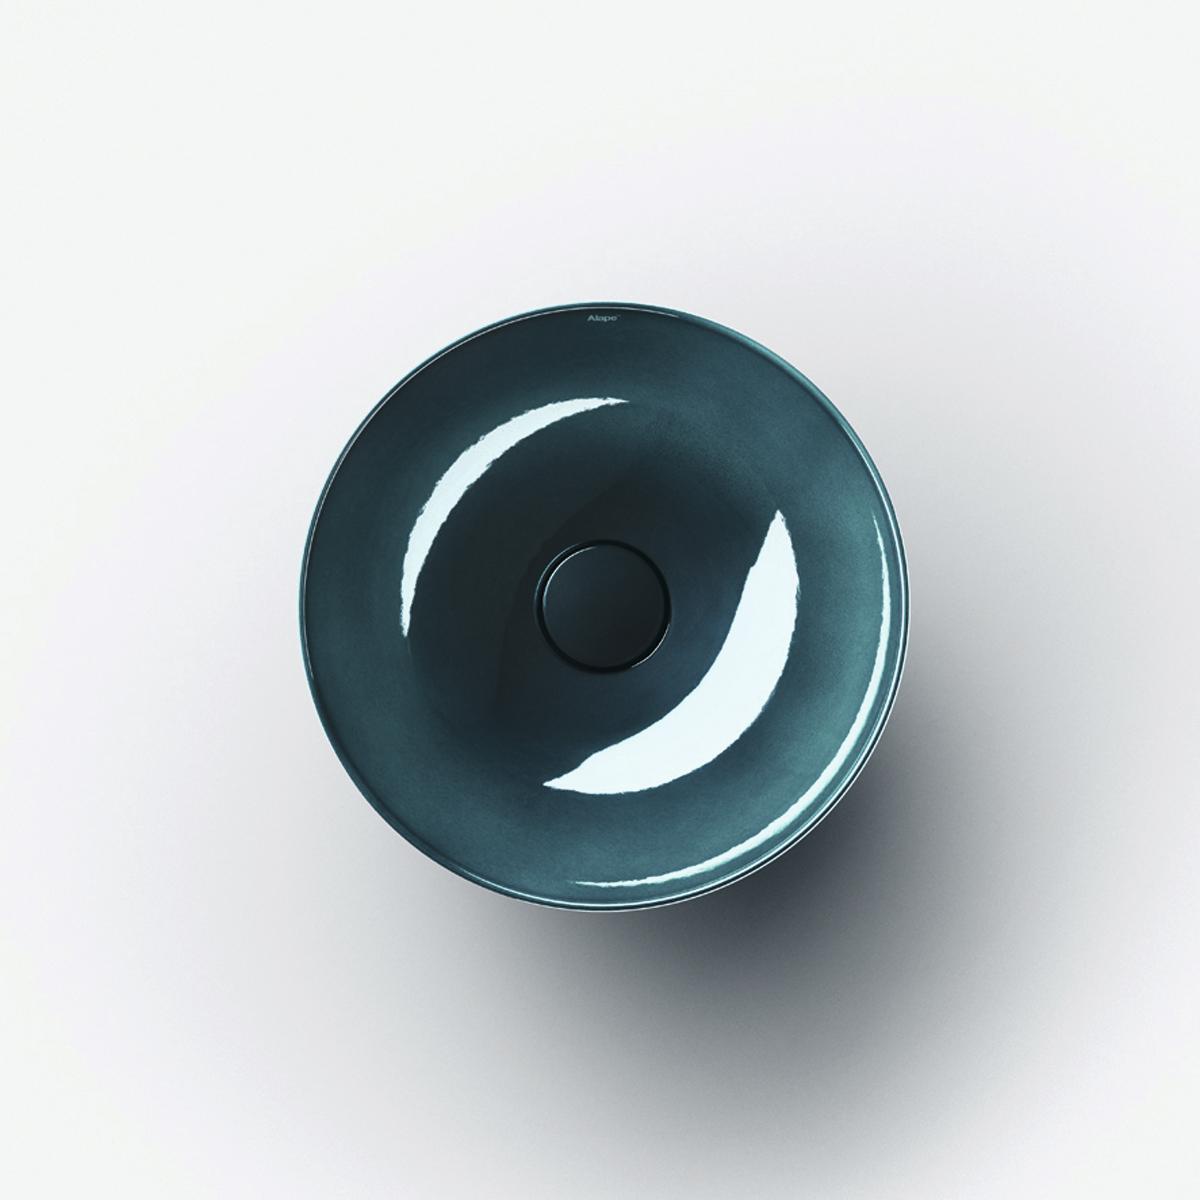 2021新作モデル リラインス 置き型手洗器【SB.AQUA360.IG】(手洗器のみ) アラペ ディープインディゴ(.IG) オーバーフローなし, 下地町 c743cead